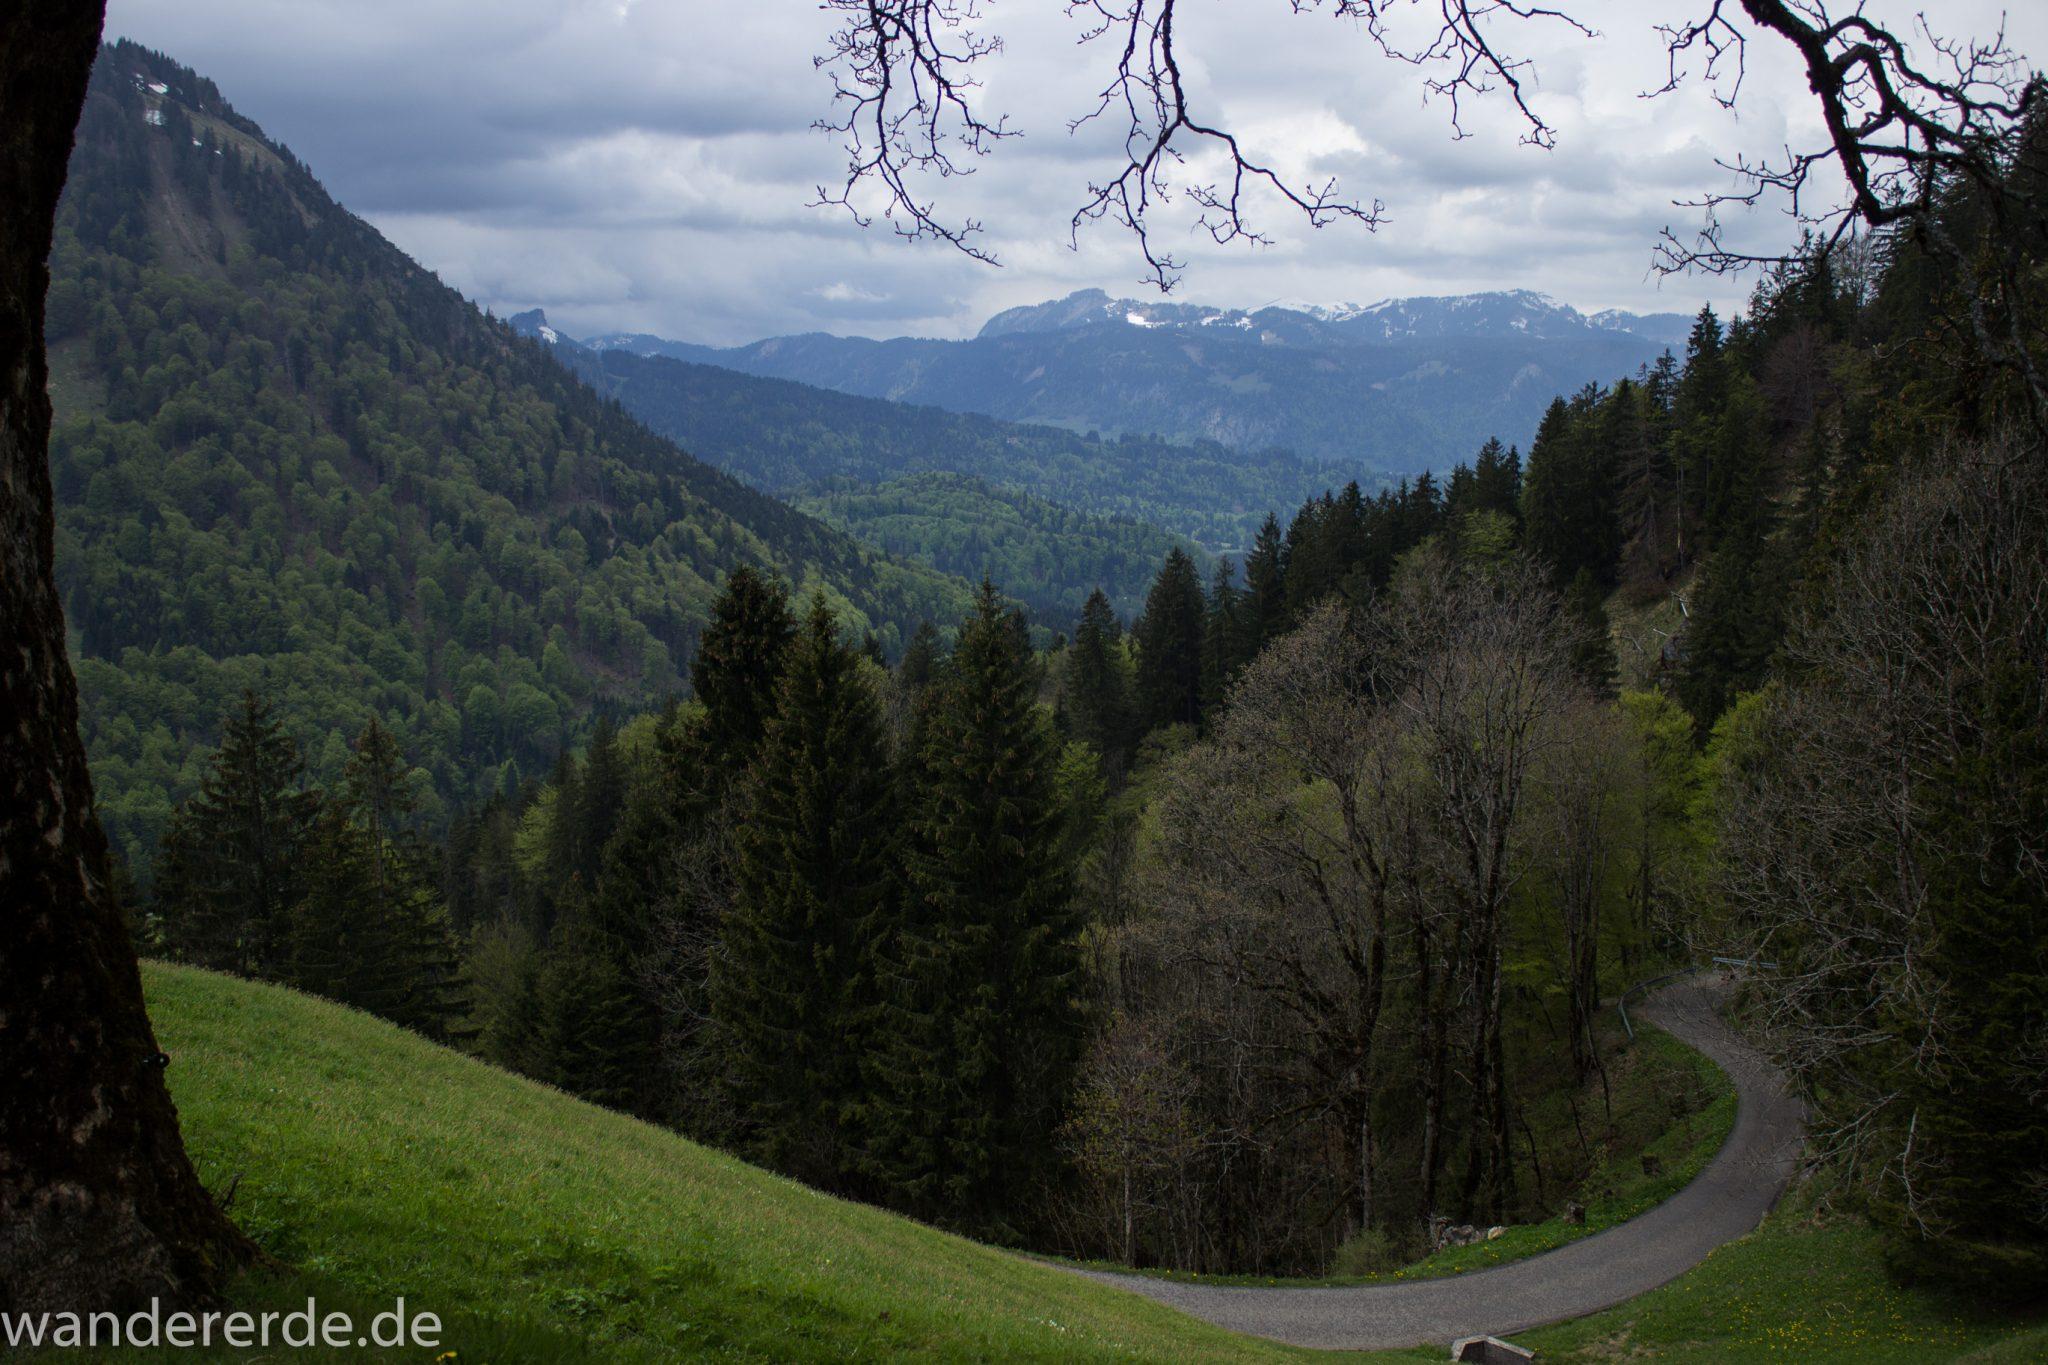 Wanderung Oberstdorf nach Gerstruben im Allgäu, Bayern, Wanderweg Rautweg führt zu schöner Ebene in den Allgäuer Alpen, kaum noch Menschen begegnen uns, grüner Wald und saftig grüne Wiesen, beeindruckende Aussicht auf umliegende Berge